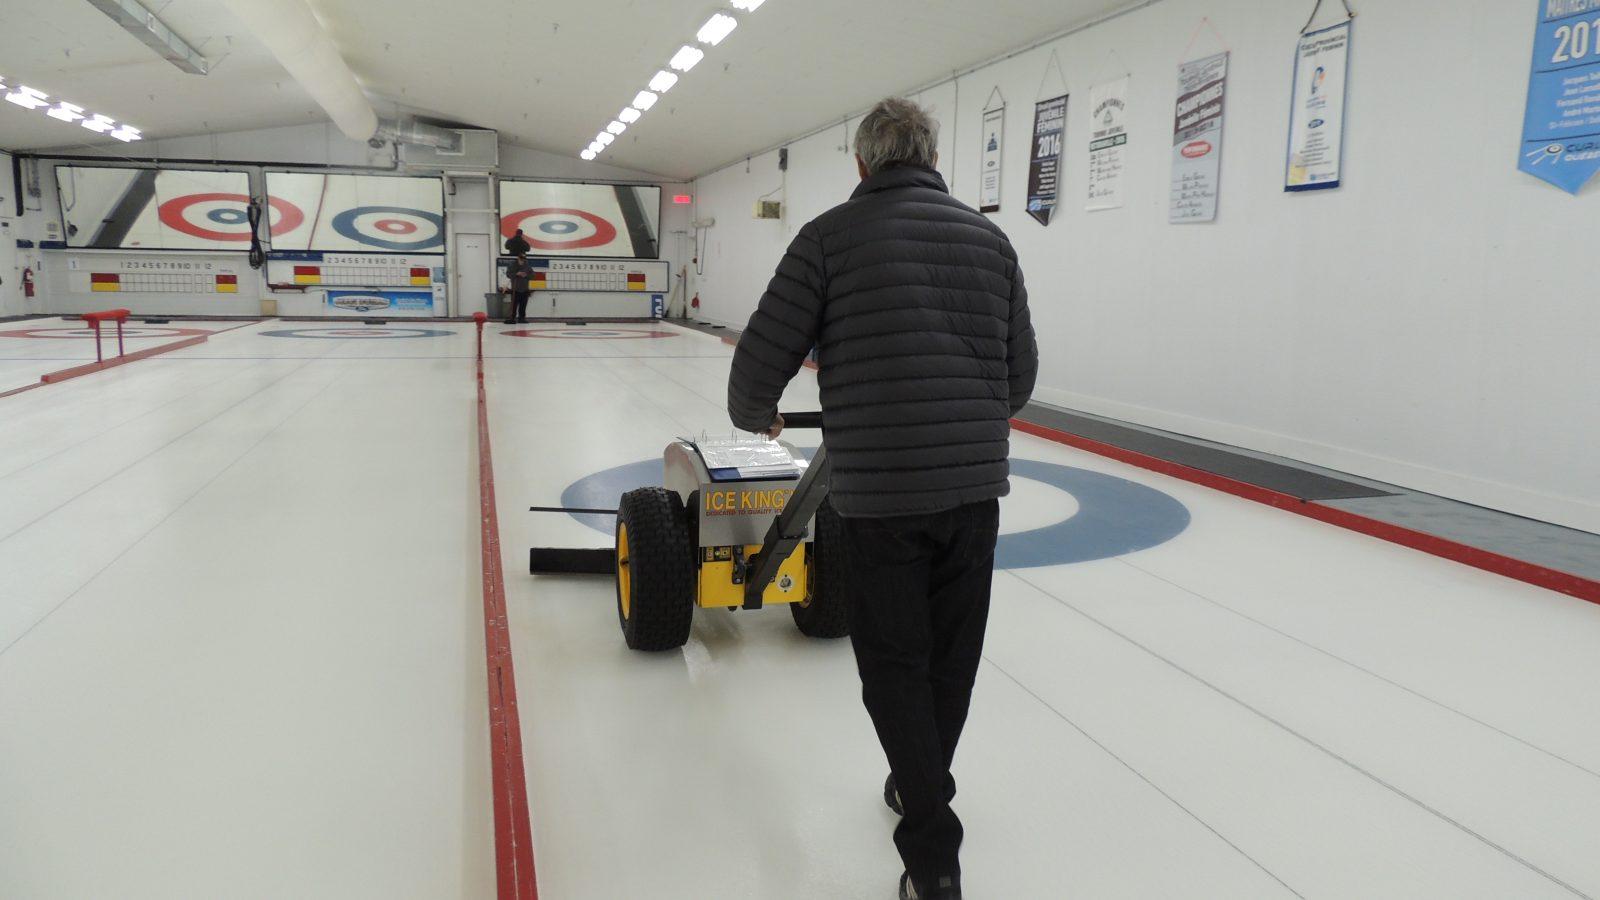 Prochaine saison de curling au Centre civique Desjardins : Un mélange de confiance et de prudence